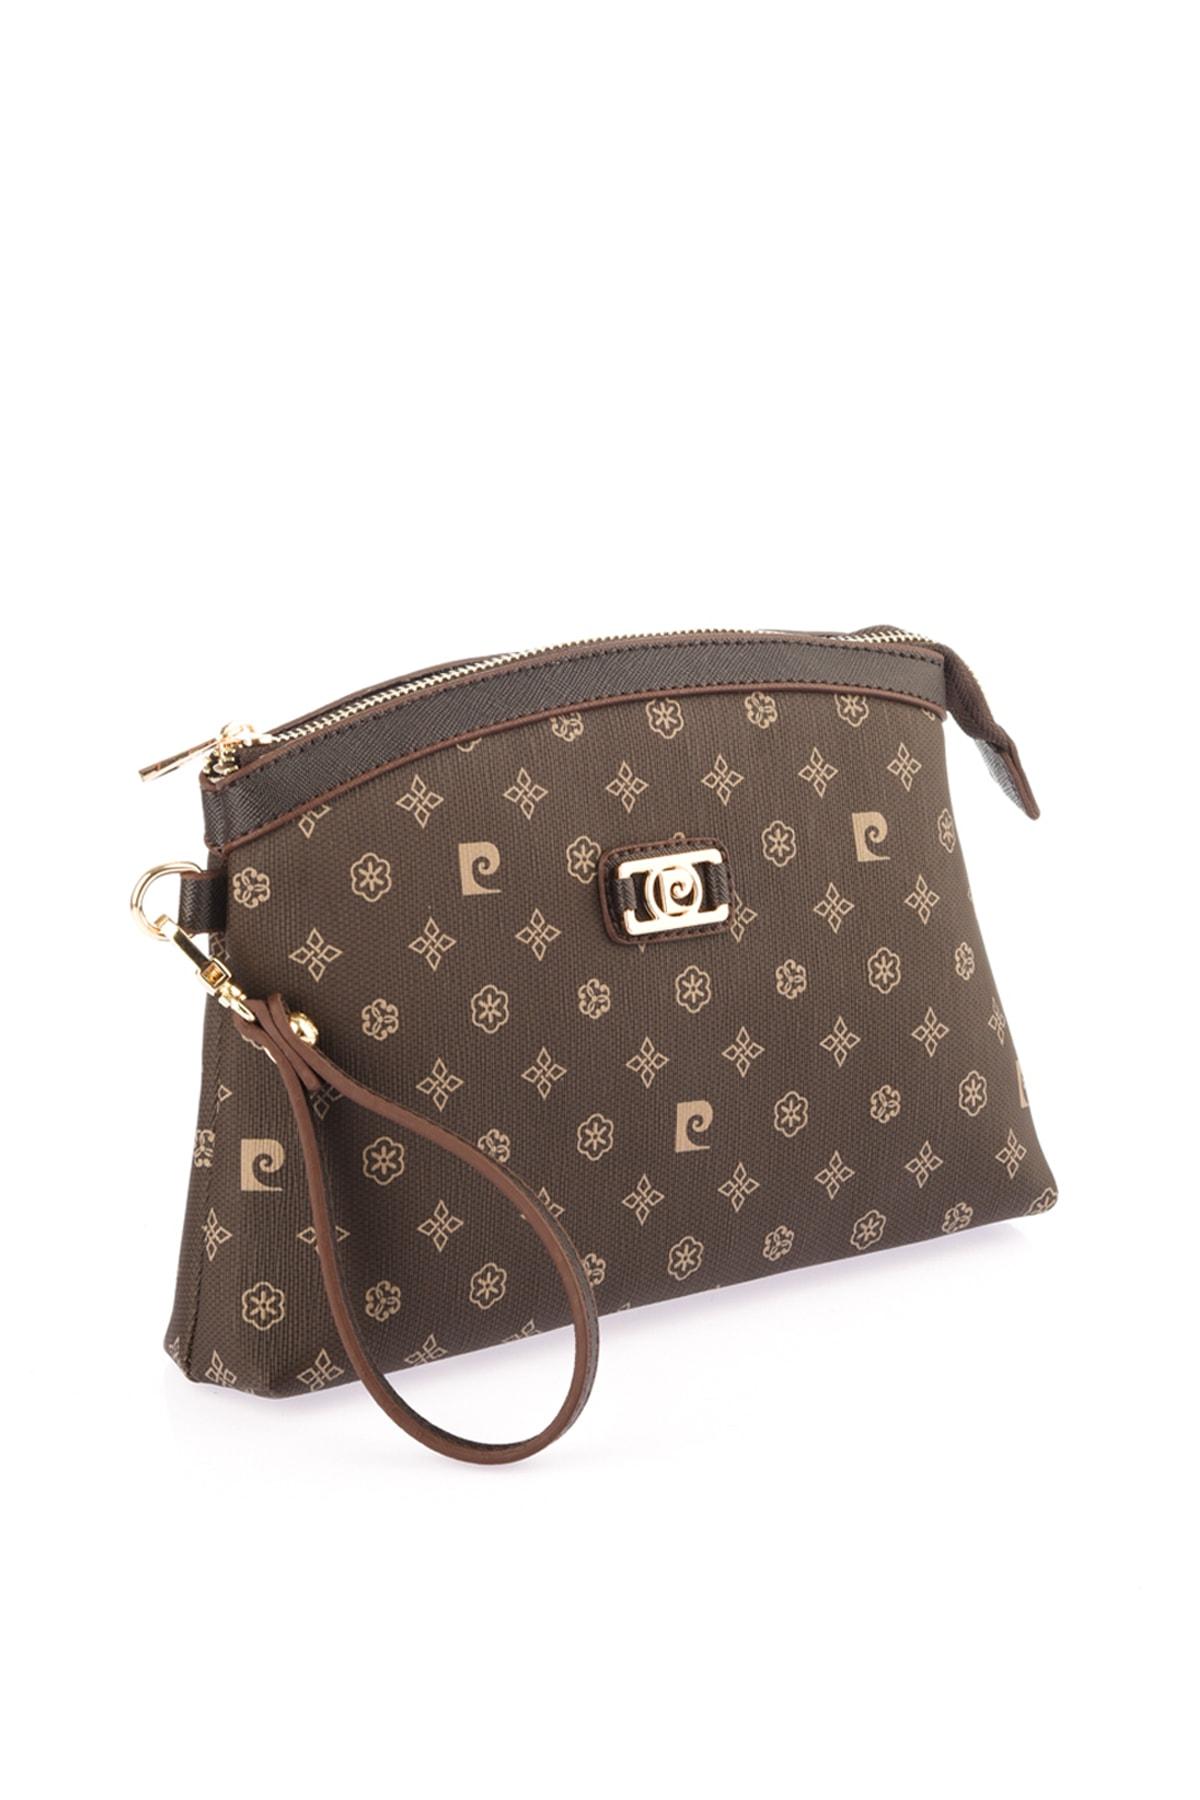 سفارش انلاین کیف دستی زنانه ساده مارک پیرکاردین رنگ قهوه ای کد ty31119821